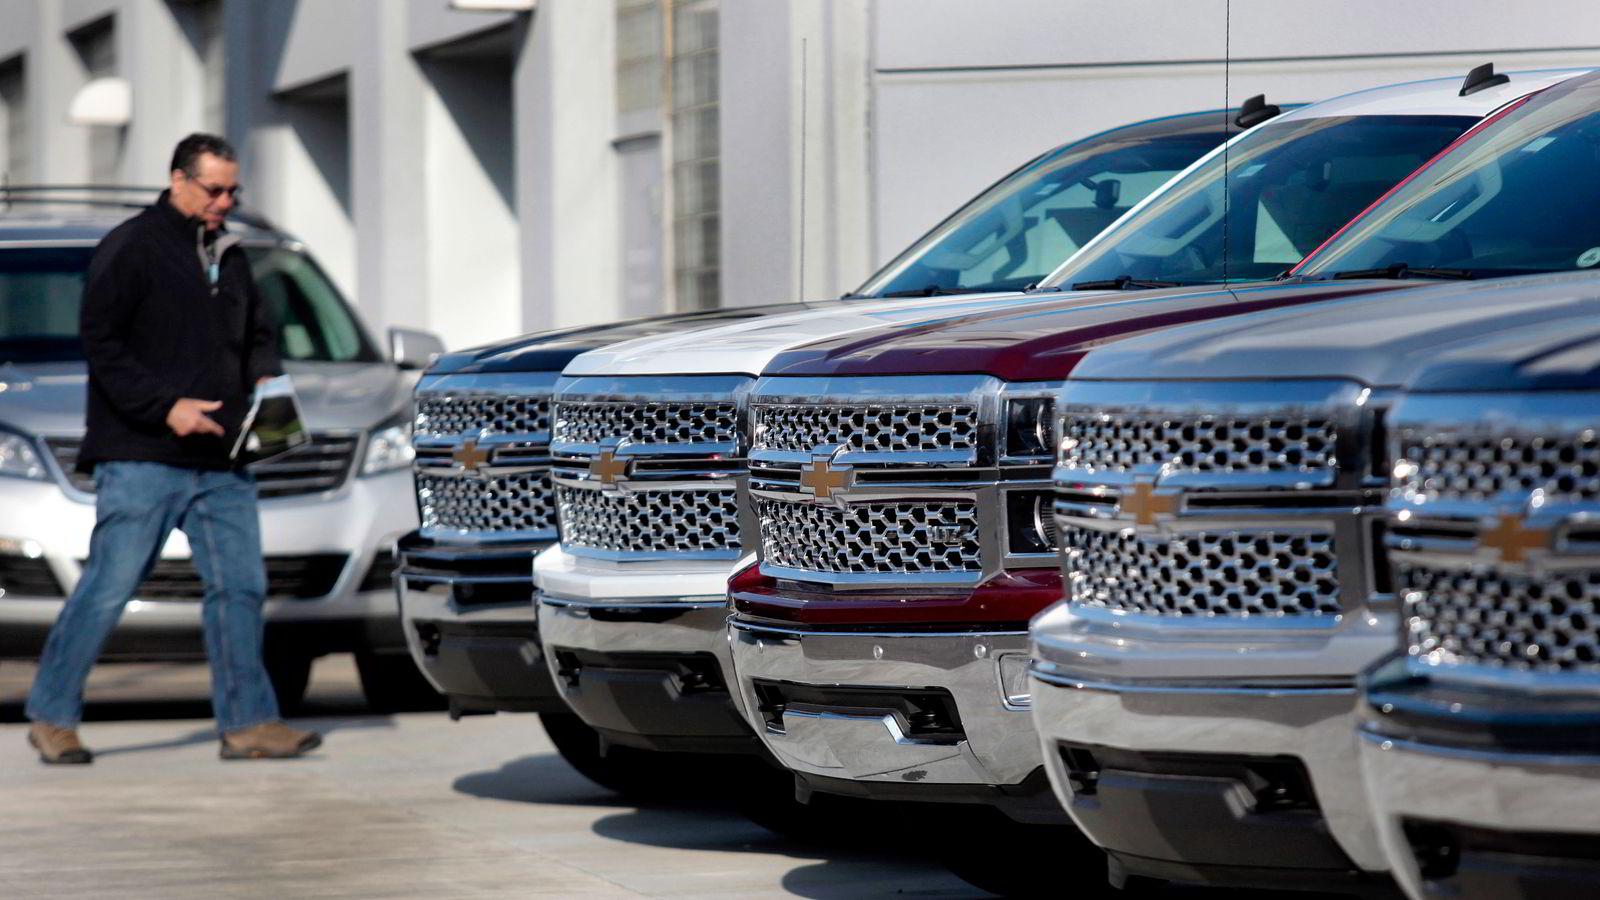 Lavere oljepriser gir økt etterspørsel etter de store, bensindrevne bilene. Salget av General Motors' suv-er doblet seg mot slutten av fjoråret. Foto: Rebecca Cook, Reuters/NTB Scanpix